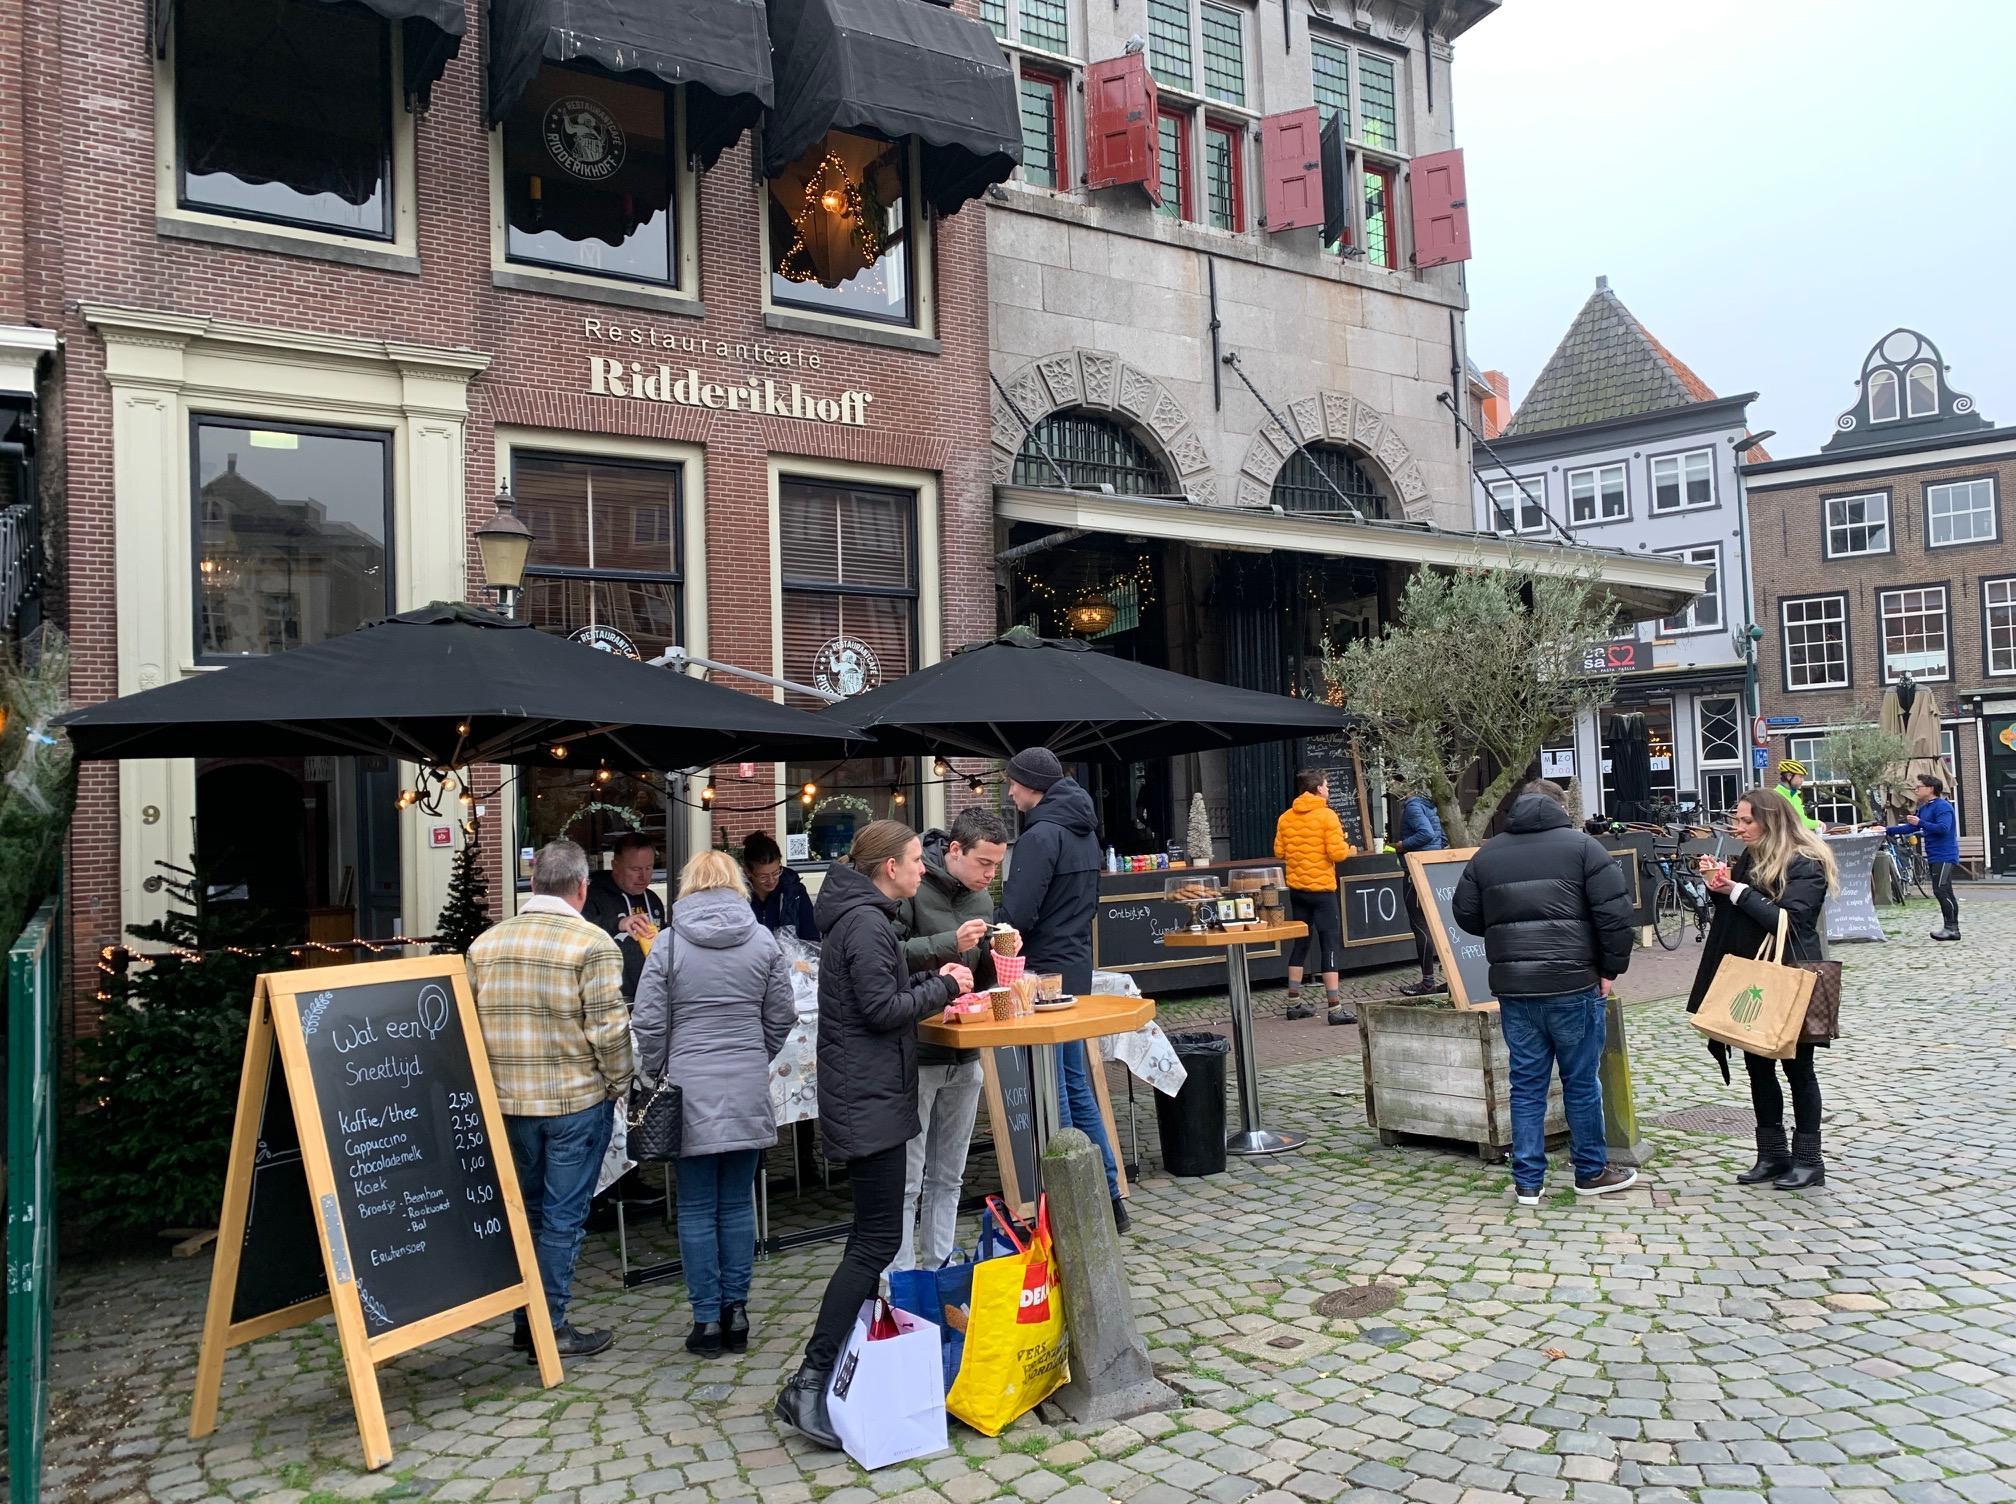 'De helft van de horeca is failliet'. Frank Wiese, eigenaar van zeven zaken in Hoorn, weet niet of hij het volhoudt. 'Het is niet te doen. Intussen zijn sportscholen, de Ikea en de Efteling wel gewoon open'